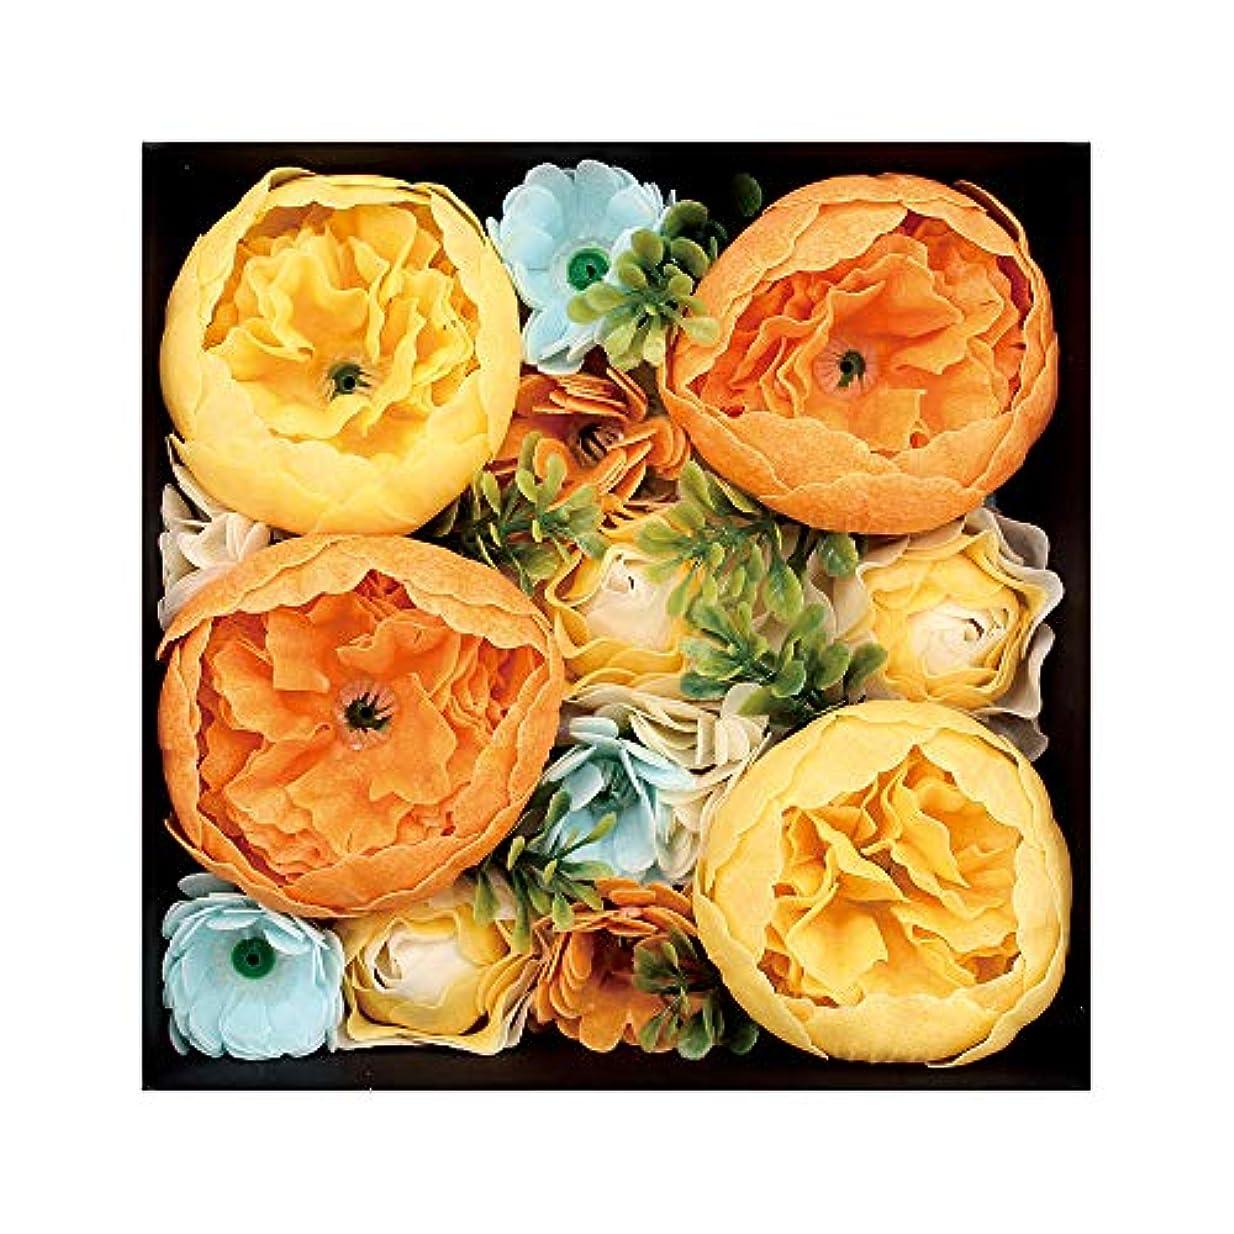 接地選出する地下室ノルコーポレーション 入浴剤 シャンドフルール バスペタル 130g オレンジの香り シエル OB-EGN-1-4